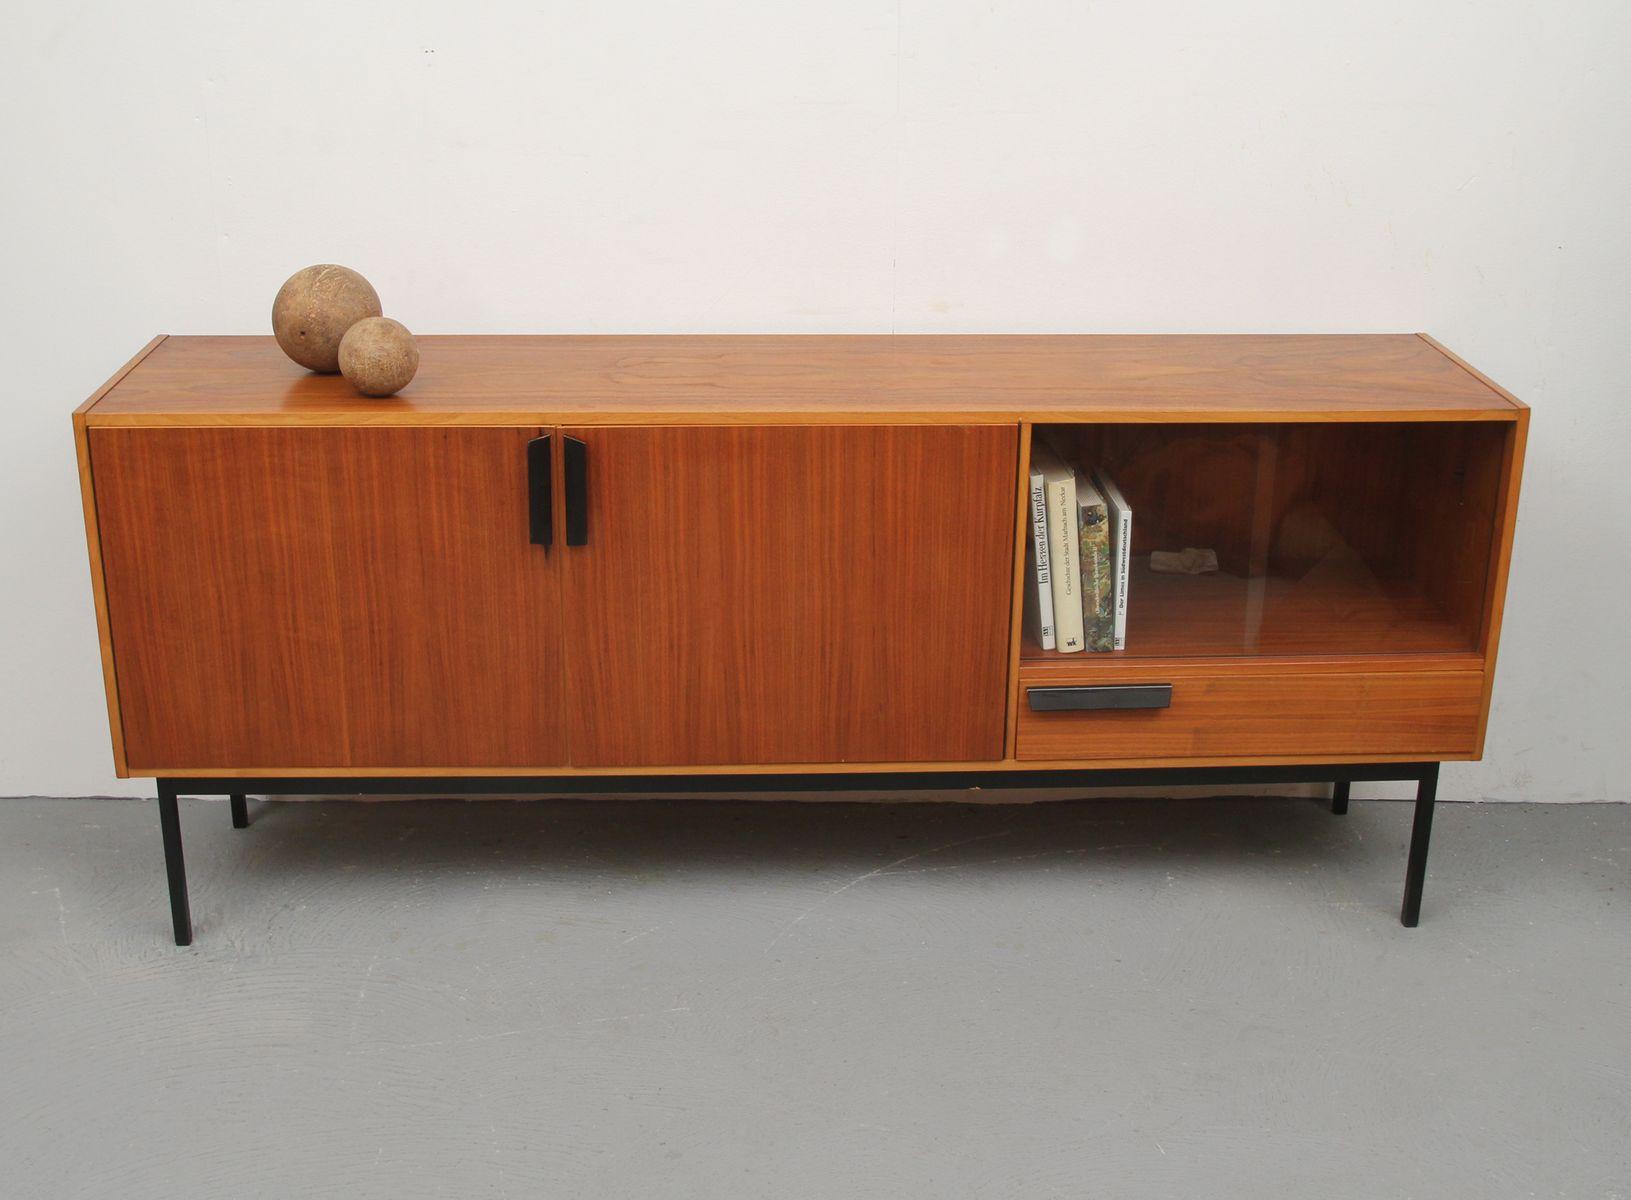 deutsches sideboard aus nussholz mit vitrine 1960er bei pamono kaufen. Black Bedroom Furniture Sets. Home Design Ideas